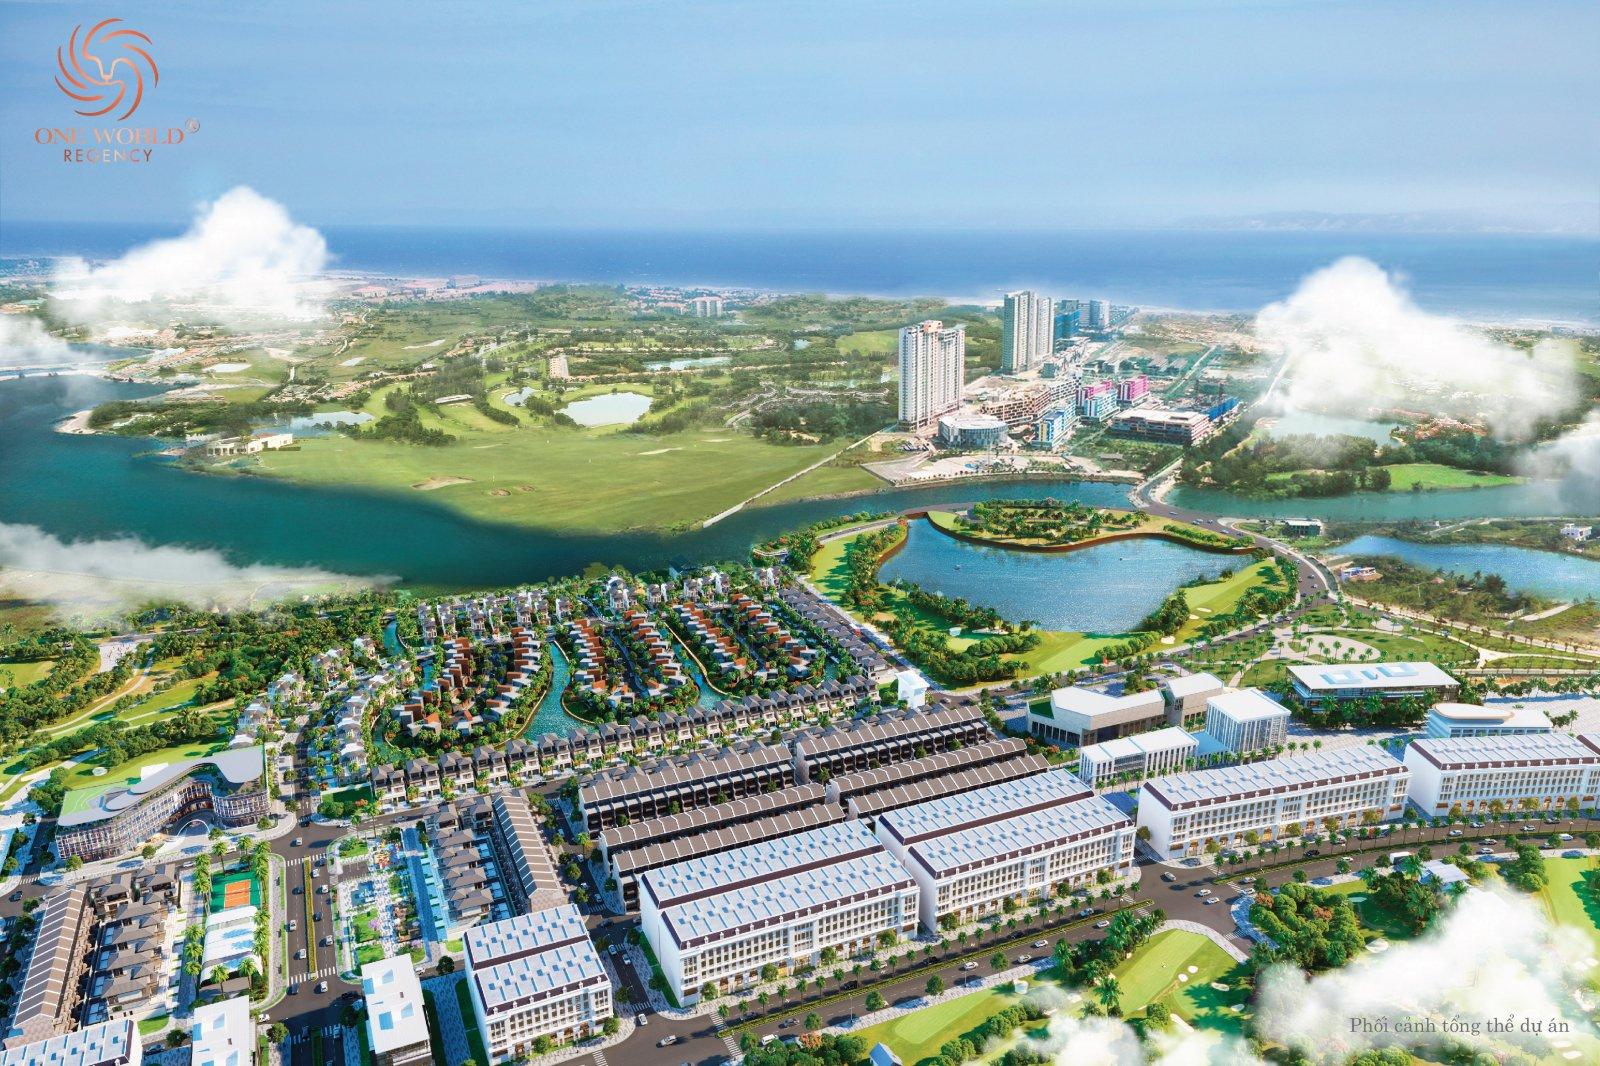 Khu đô Thị One World Regency - Đất Nền, Biệt Thư Đà Nẵng